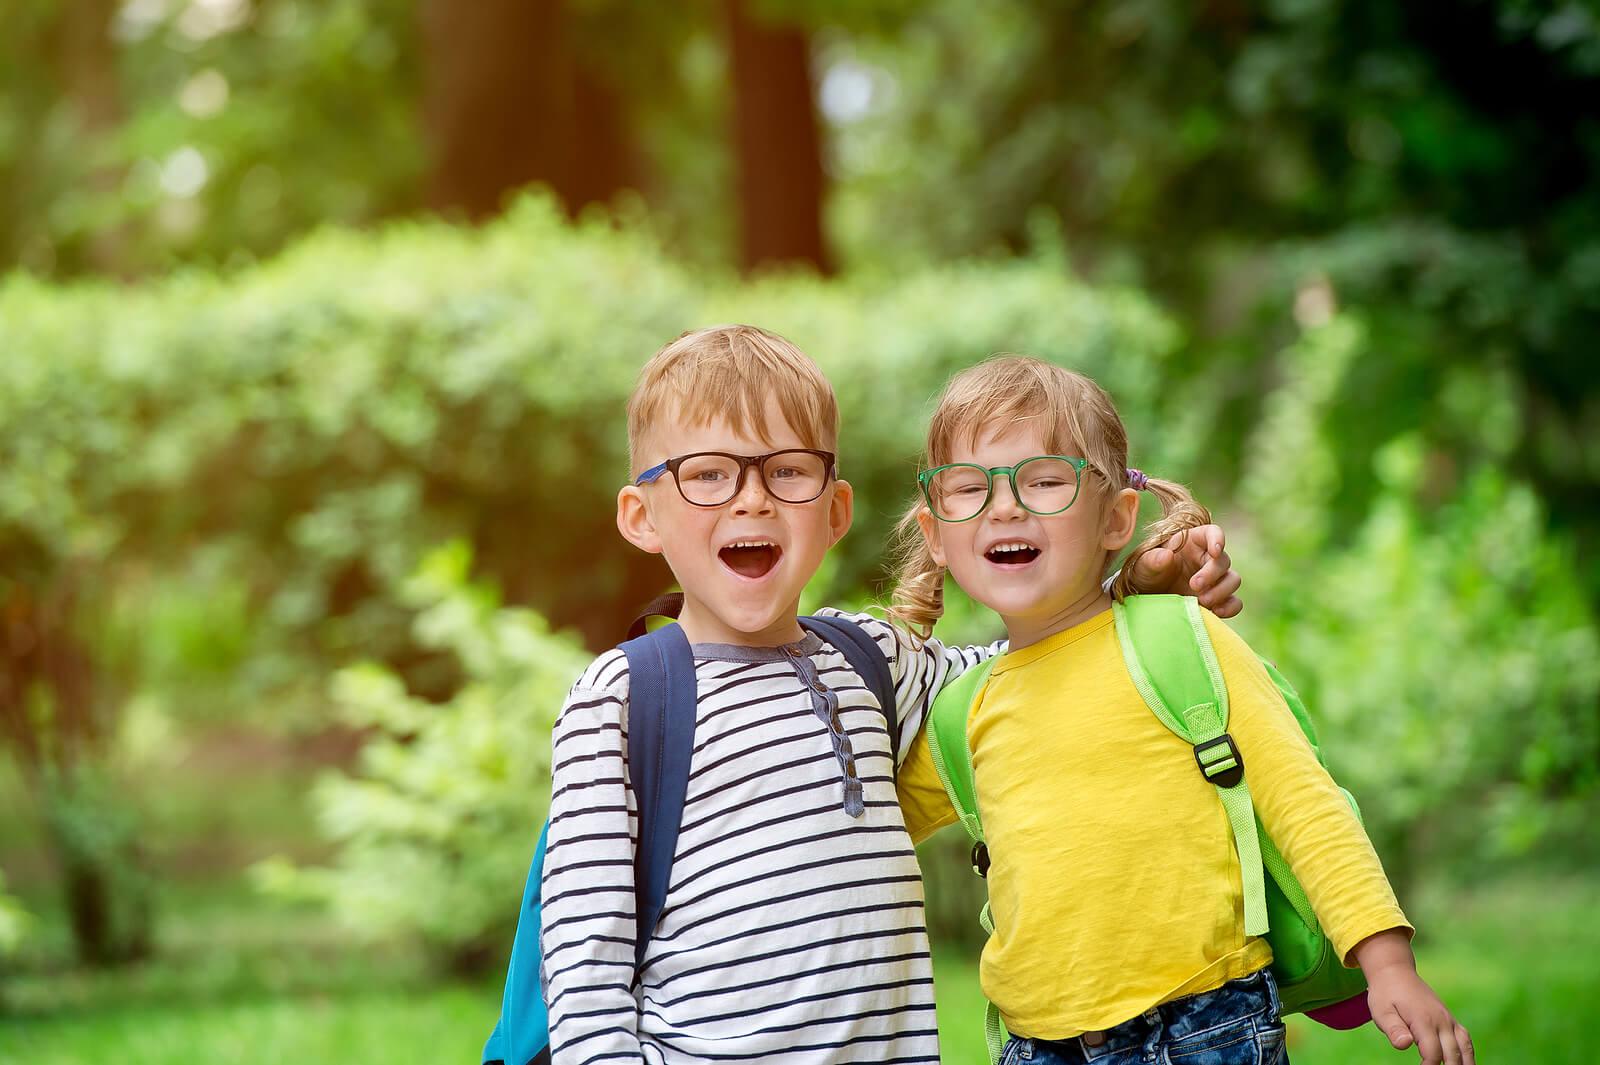 Niños contentos yendo al colegio porque saben que las calificaciones no determinarán su éxito.